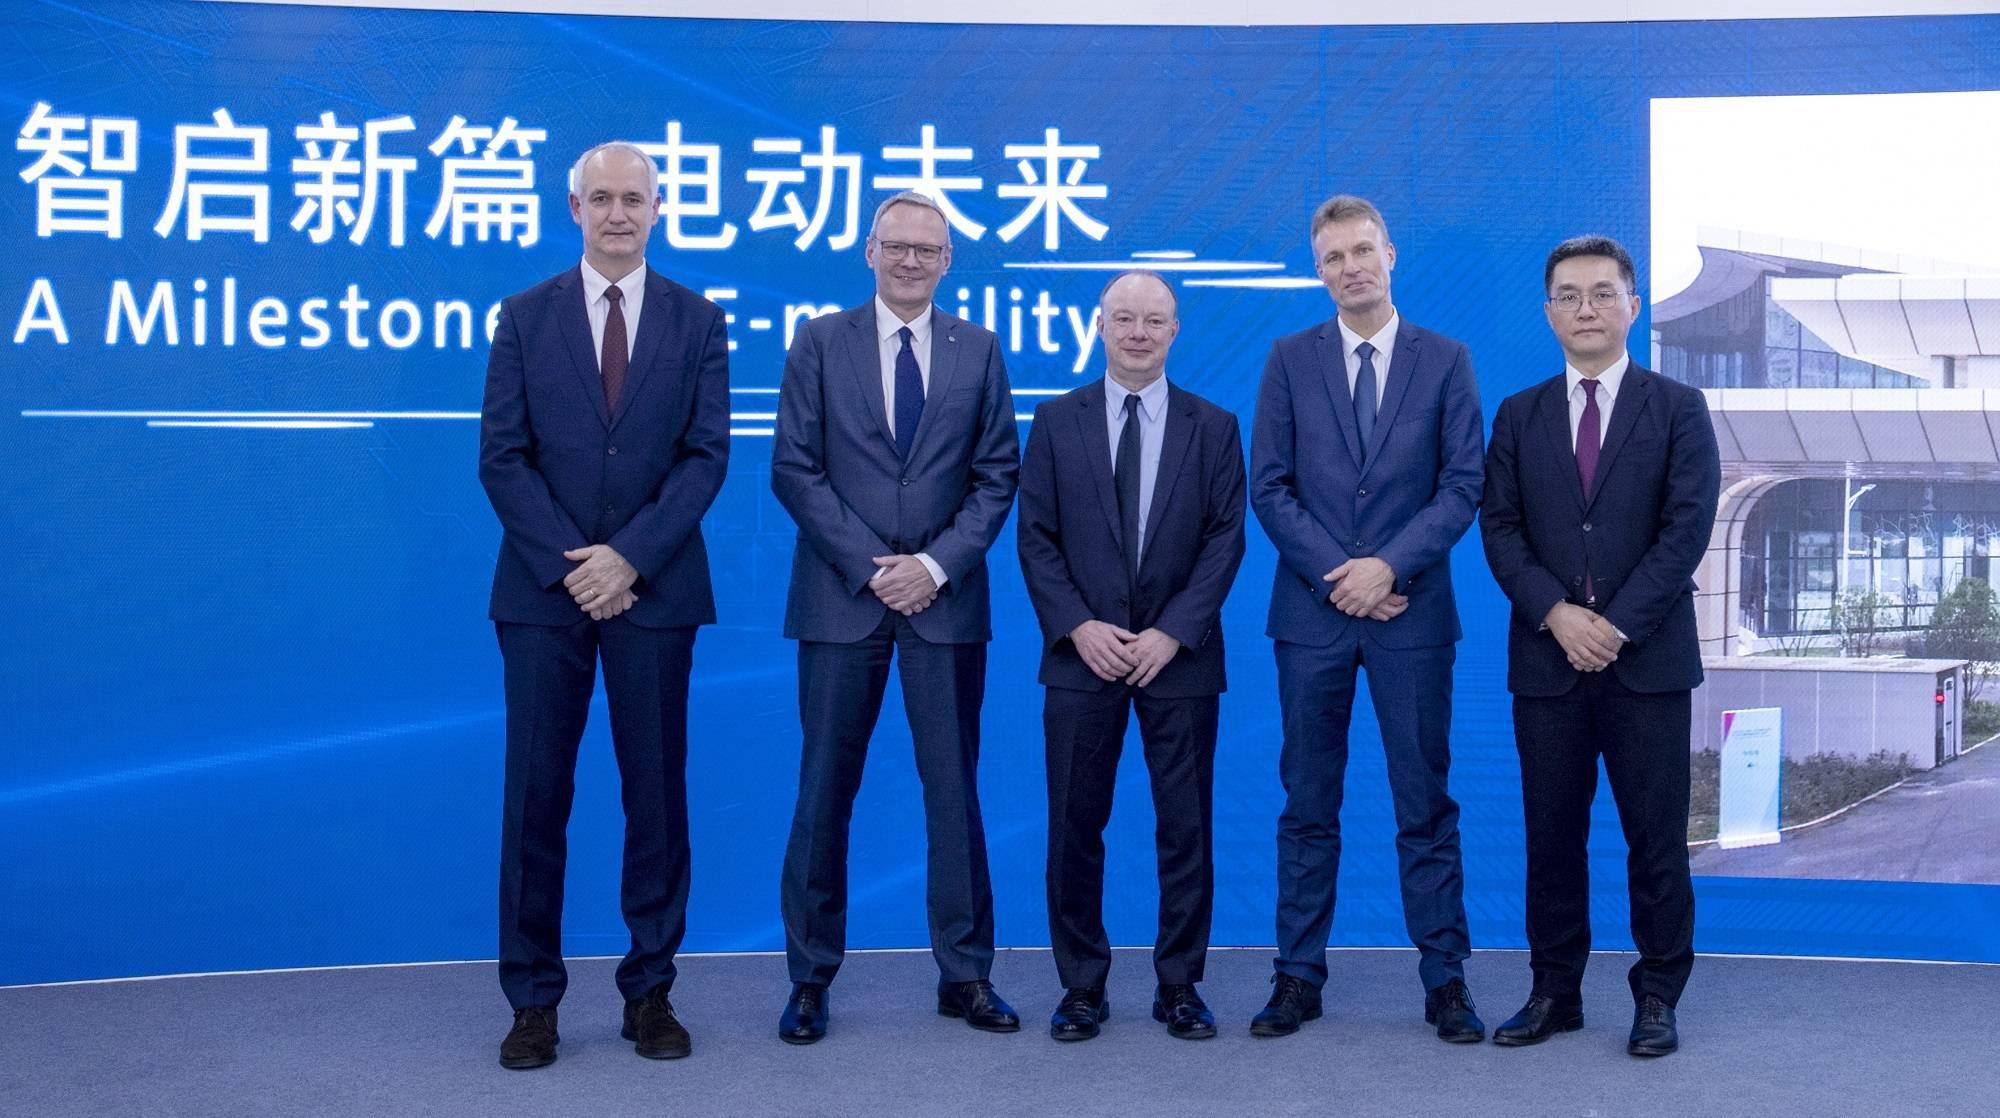 大众中国CEO任一把手,大众集团公布原江淮大众全新管理团队